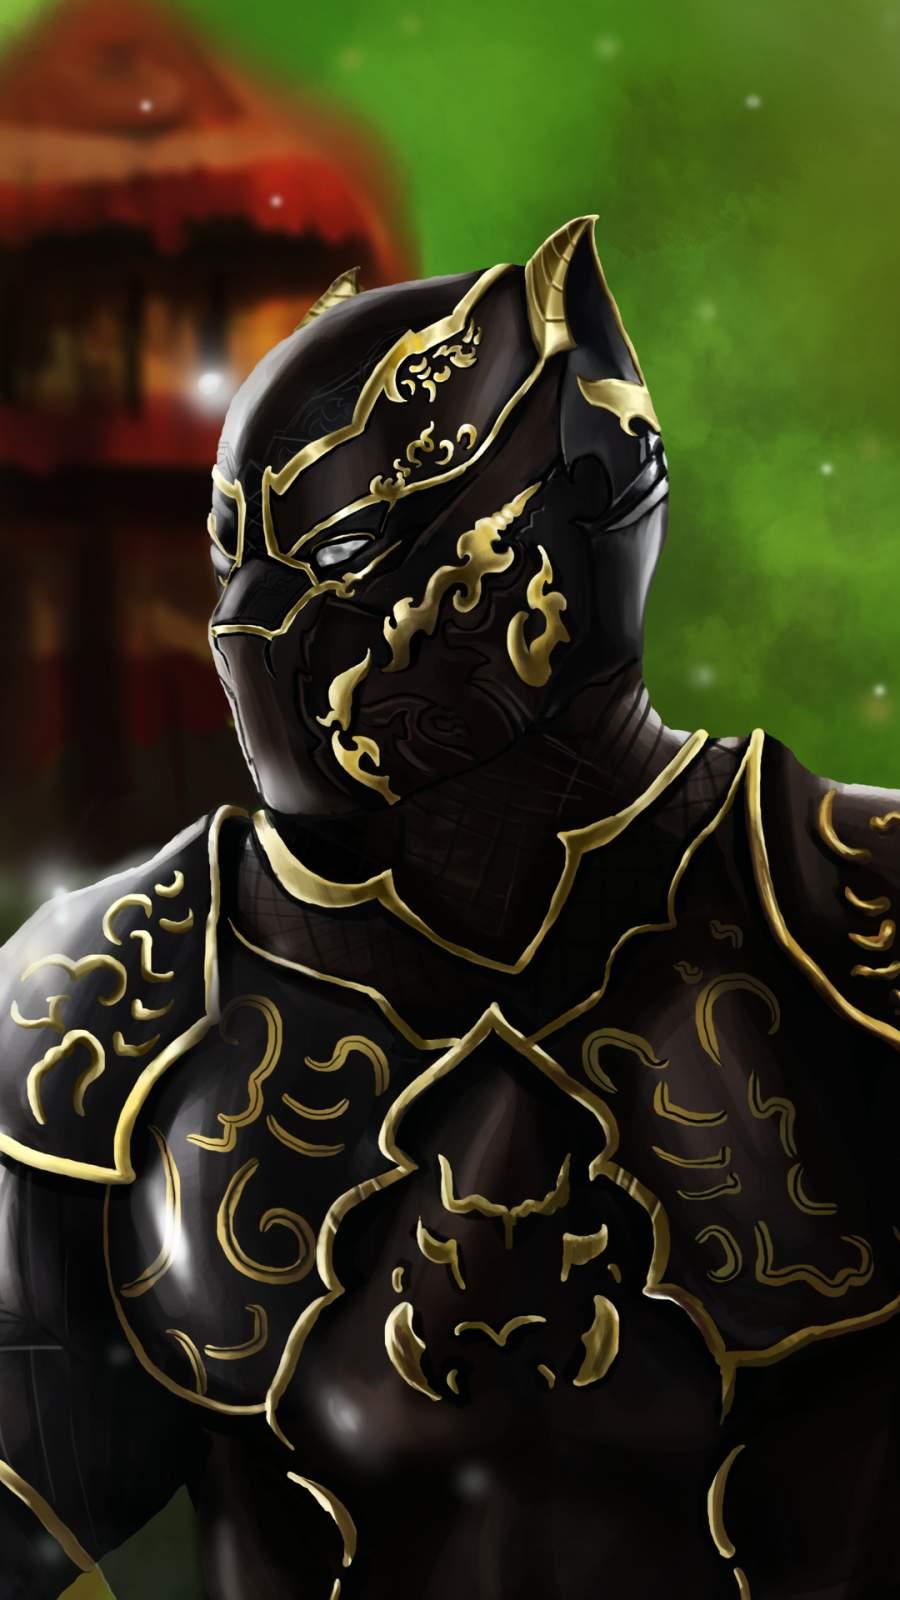 Black Panther Wakanda King Artwork iPhone Wallpaper